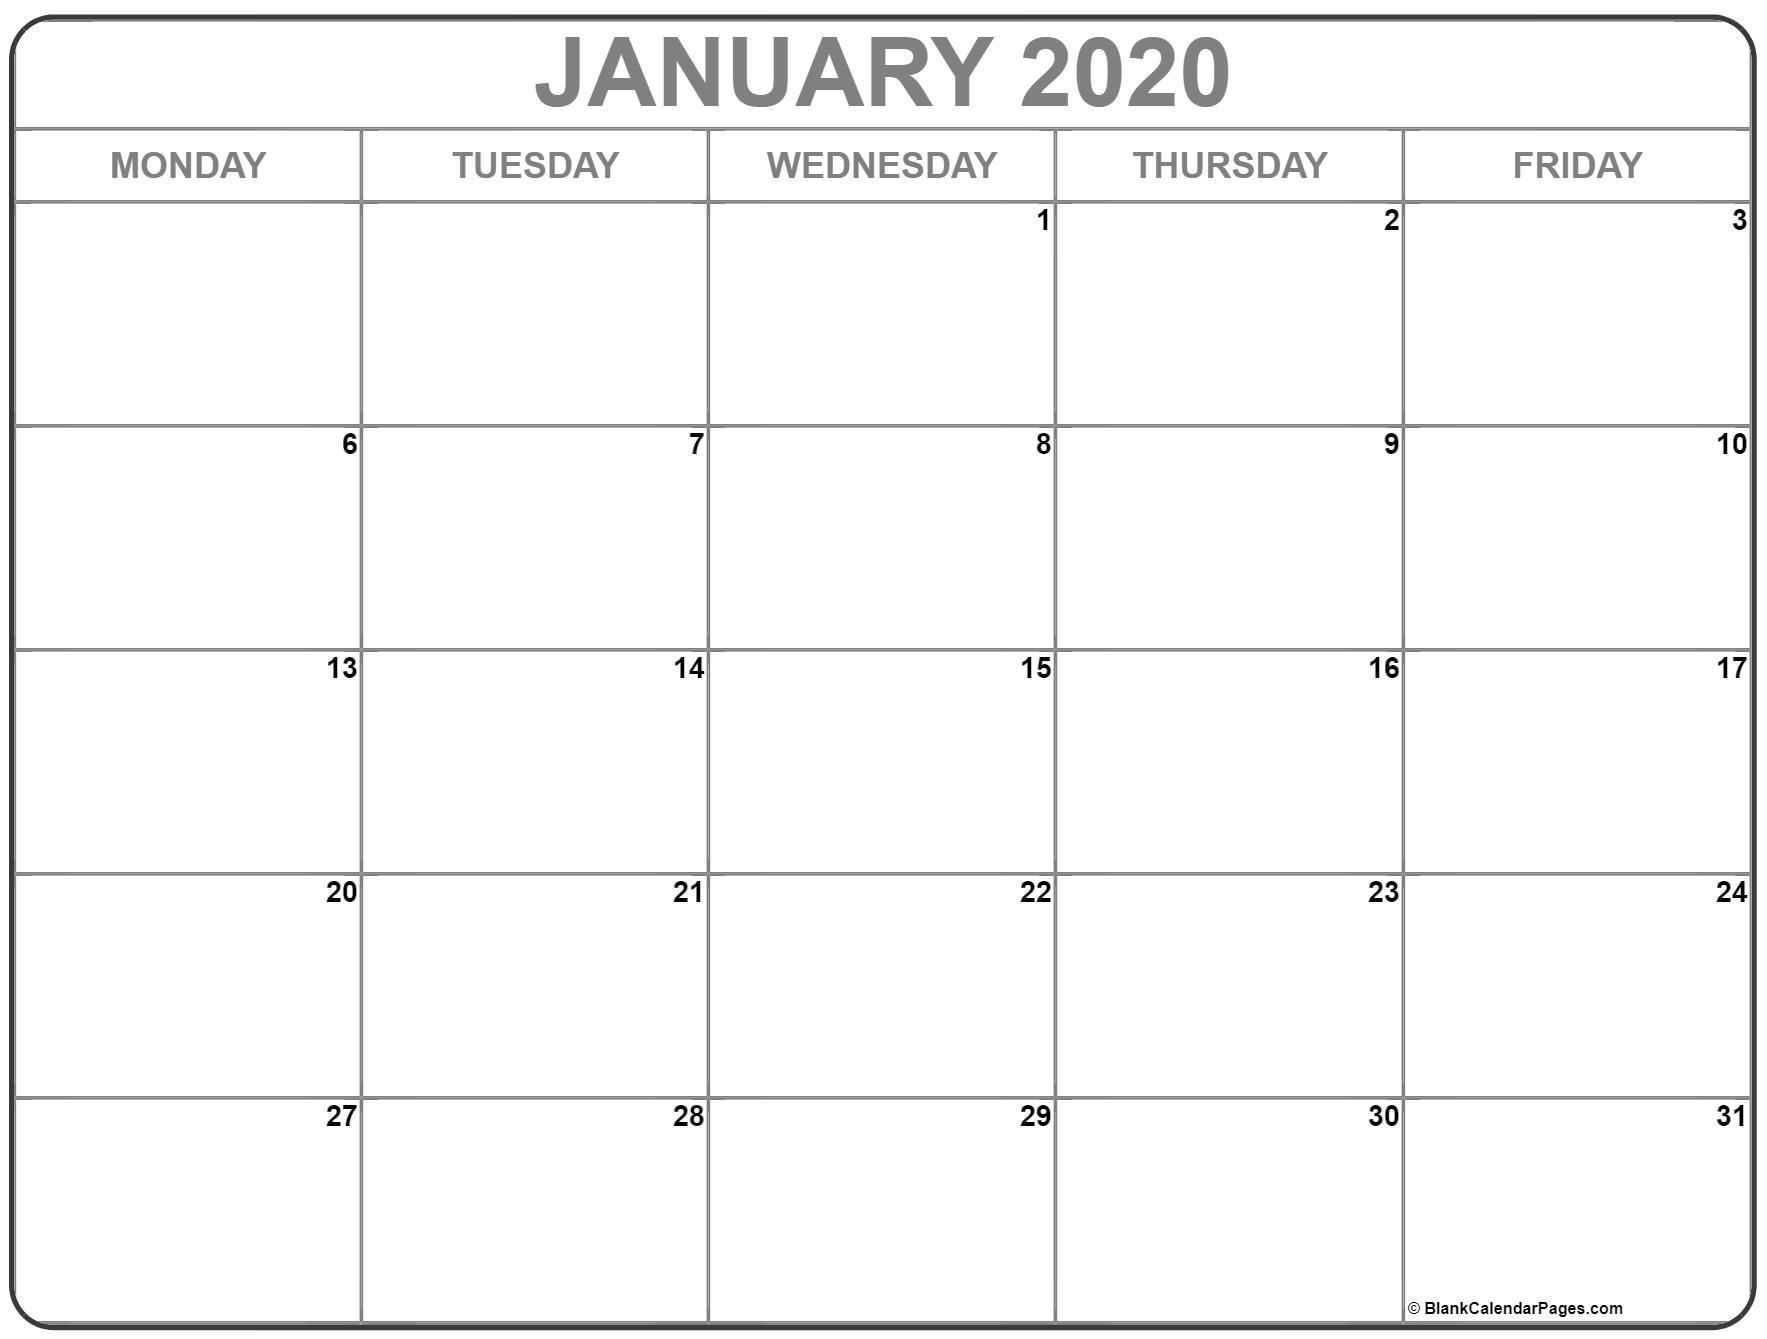 January 2020 Monday Calendar | Monday To Sunday Monday Through Friday Calendar